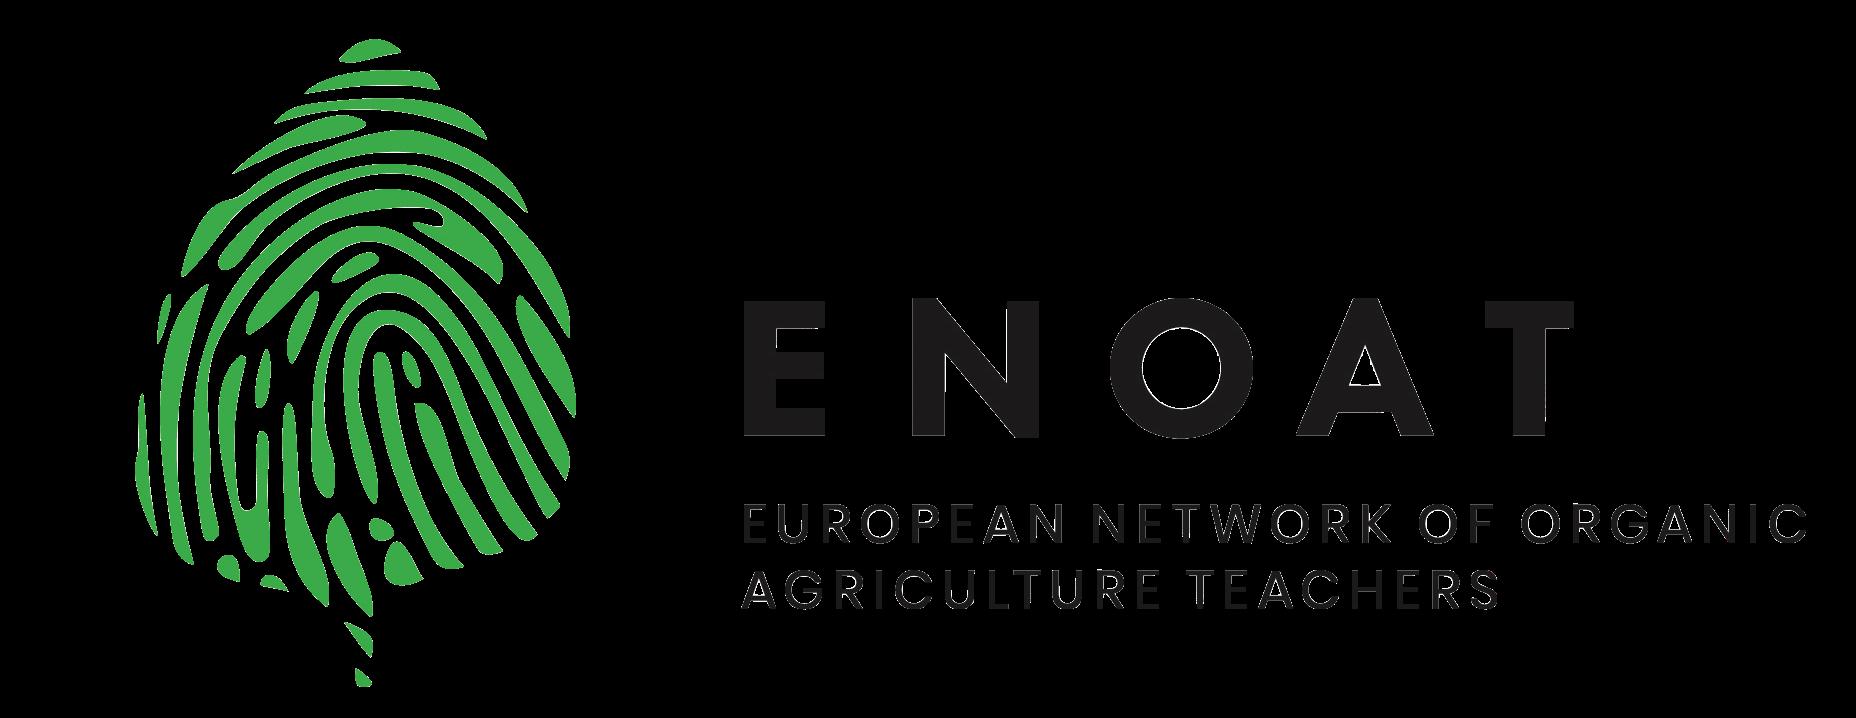 logotip ENOAT